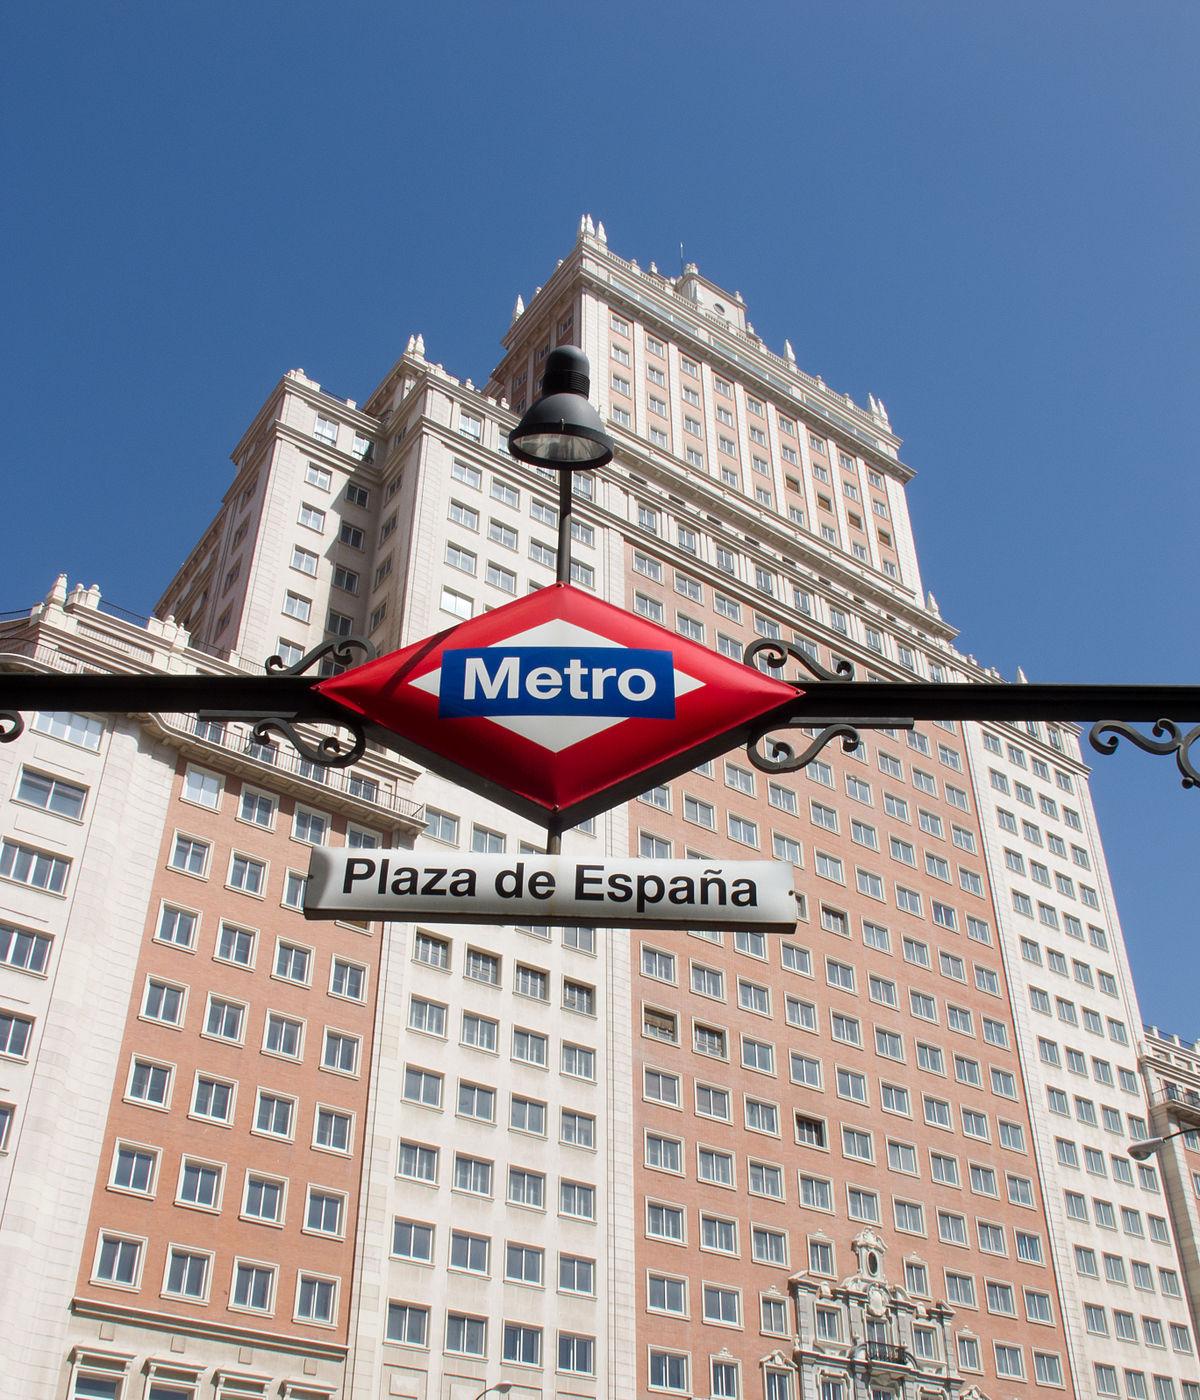 Plaza de espa a metropolitana di madrid wikipedia for Discoteca plaza de los cubos madrid